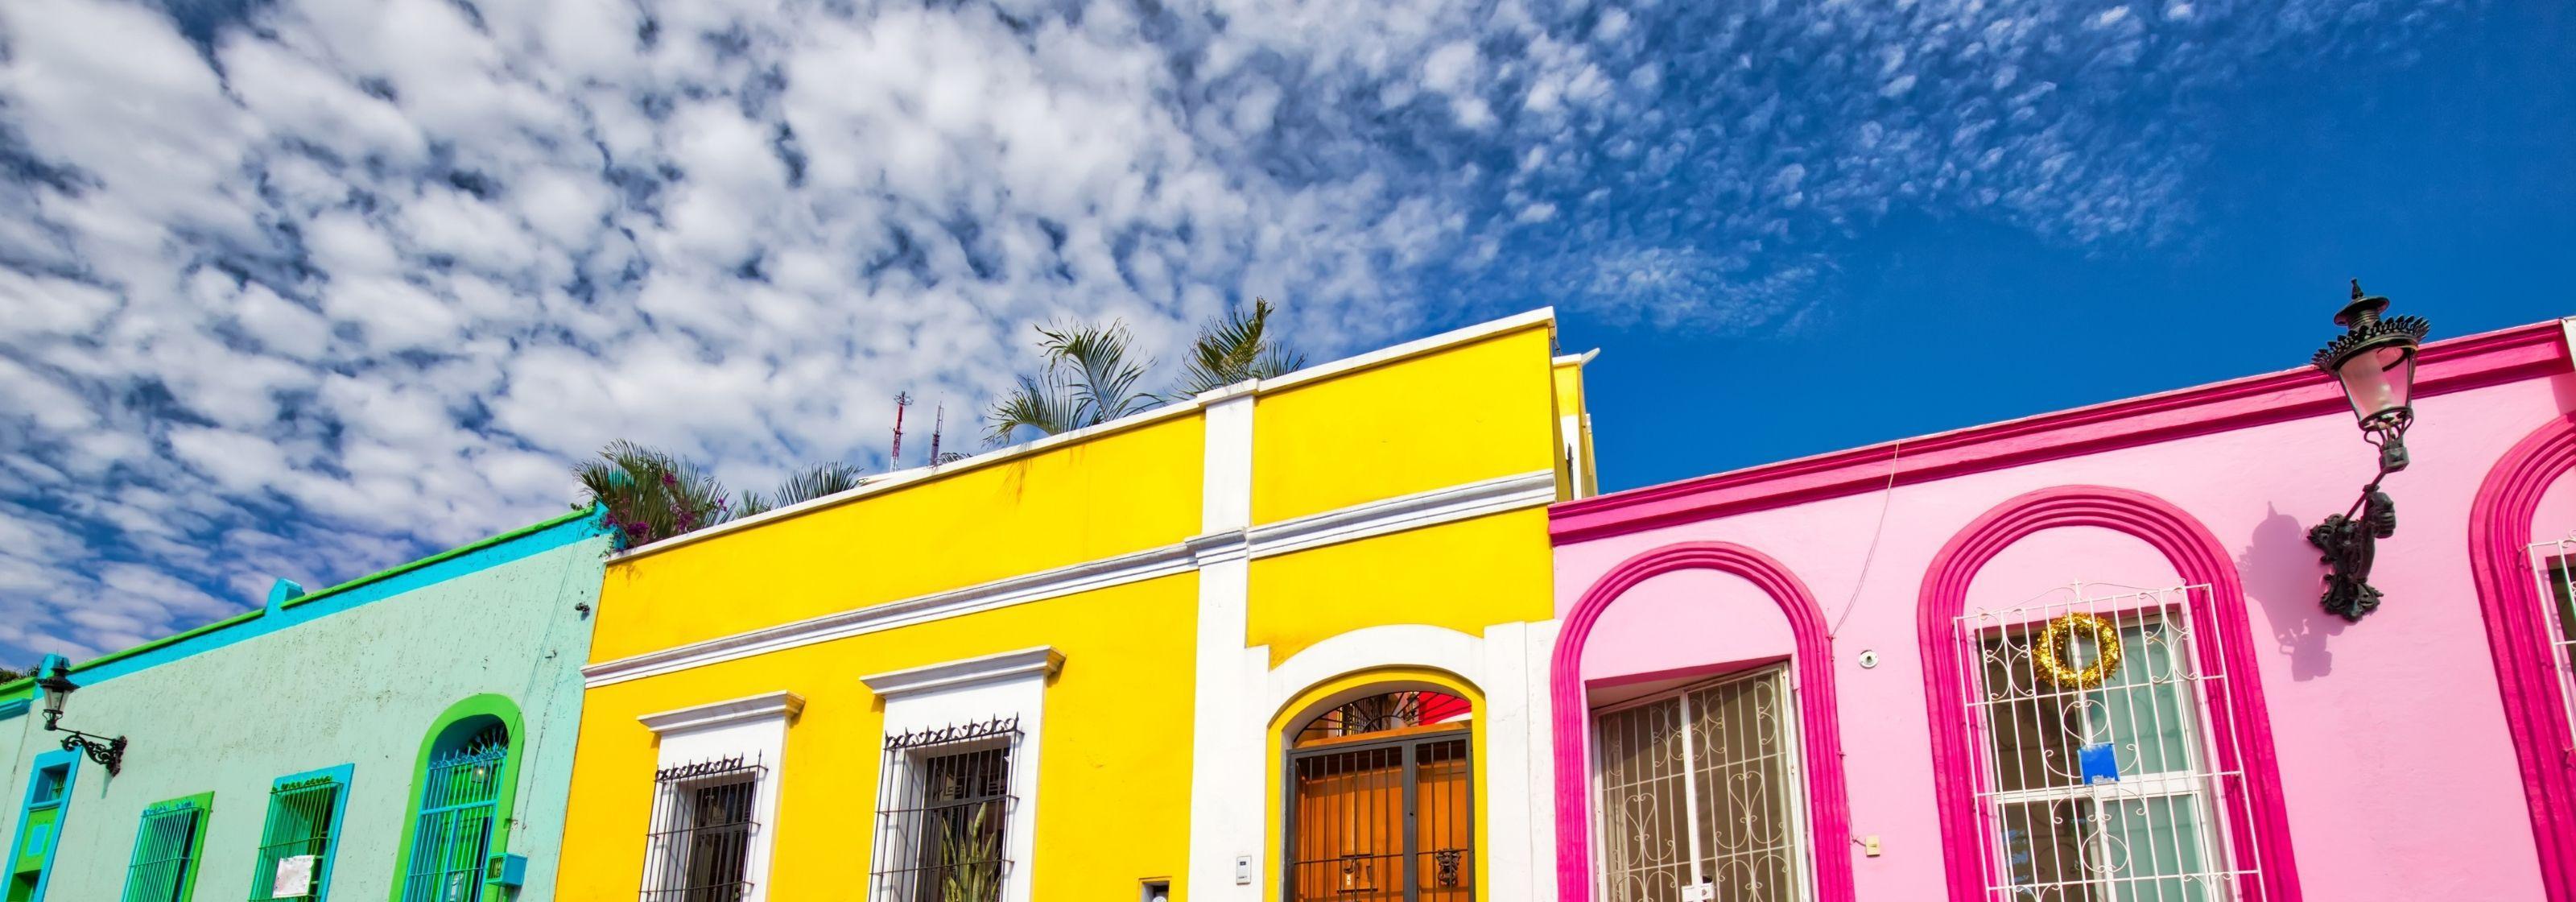 Cosas que hacer en Mazatlán